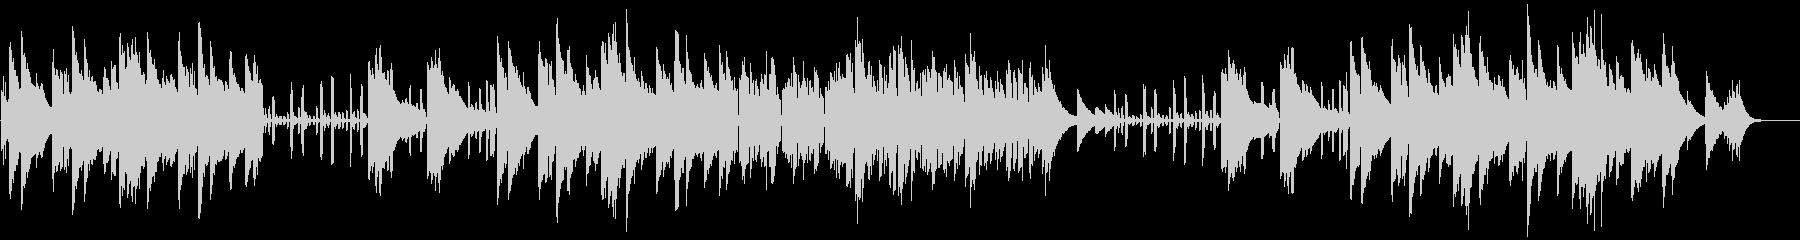 エレピソロの未再生の波形